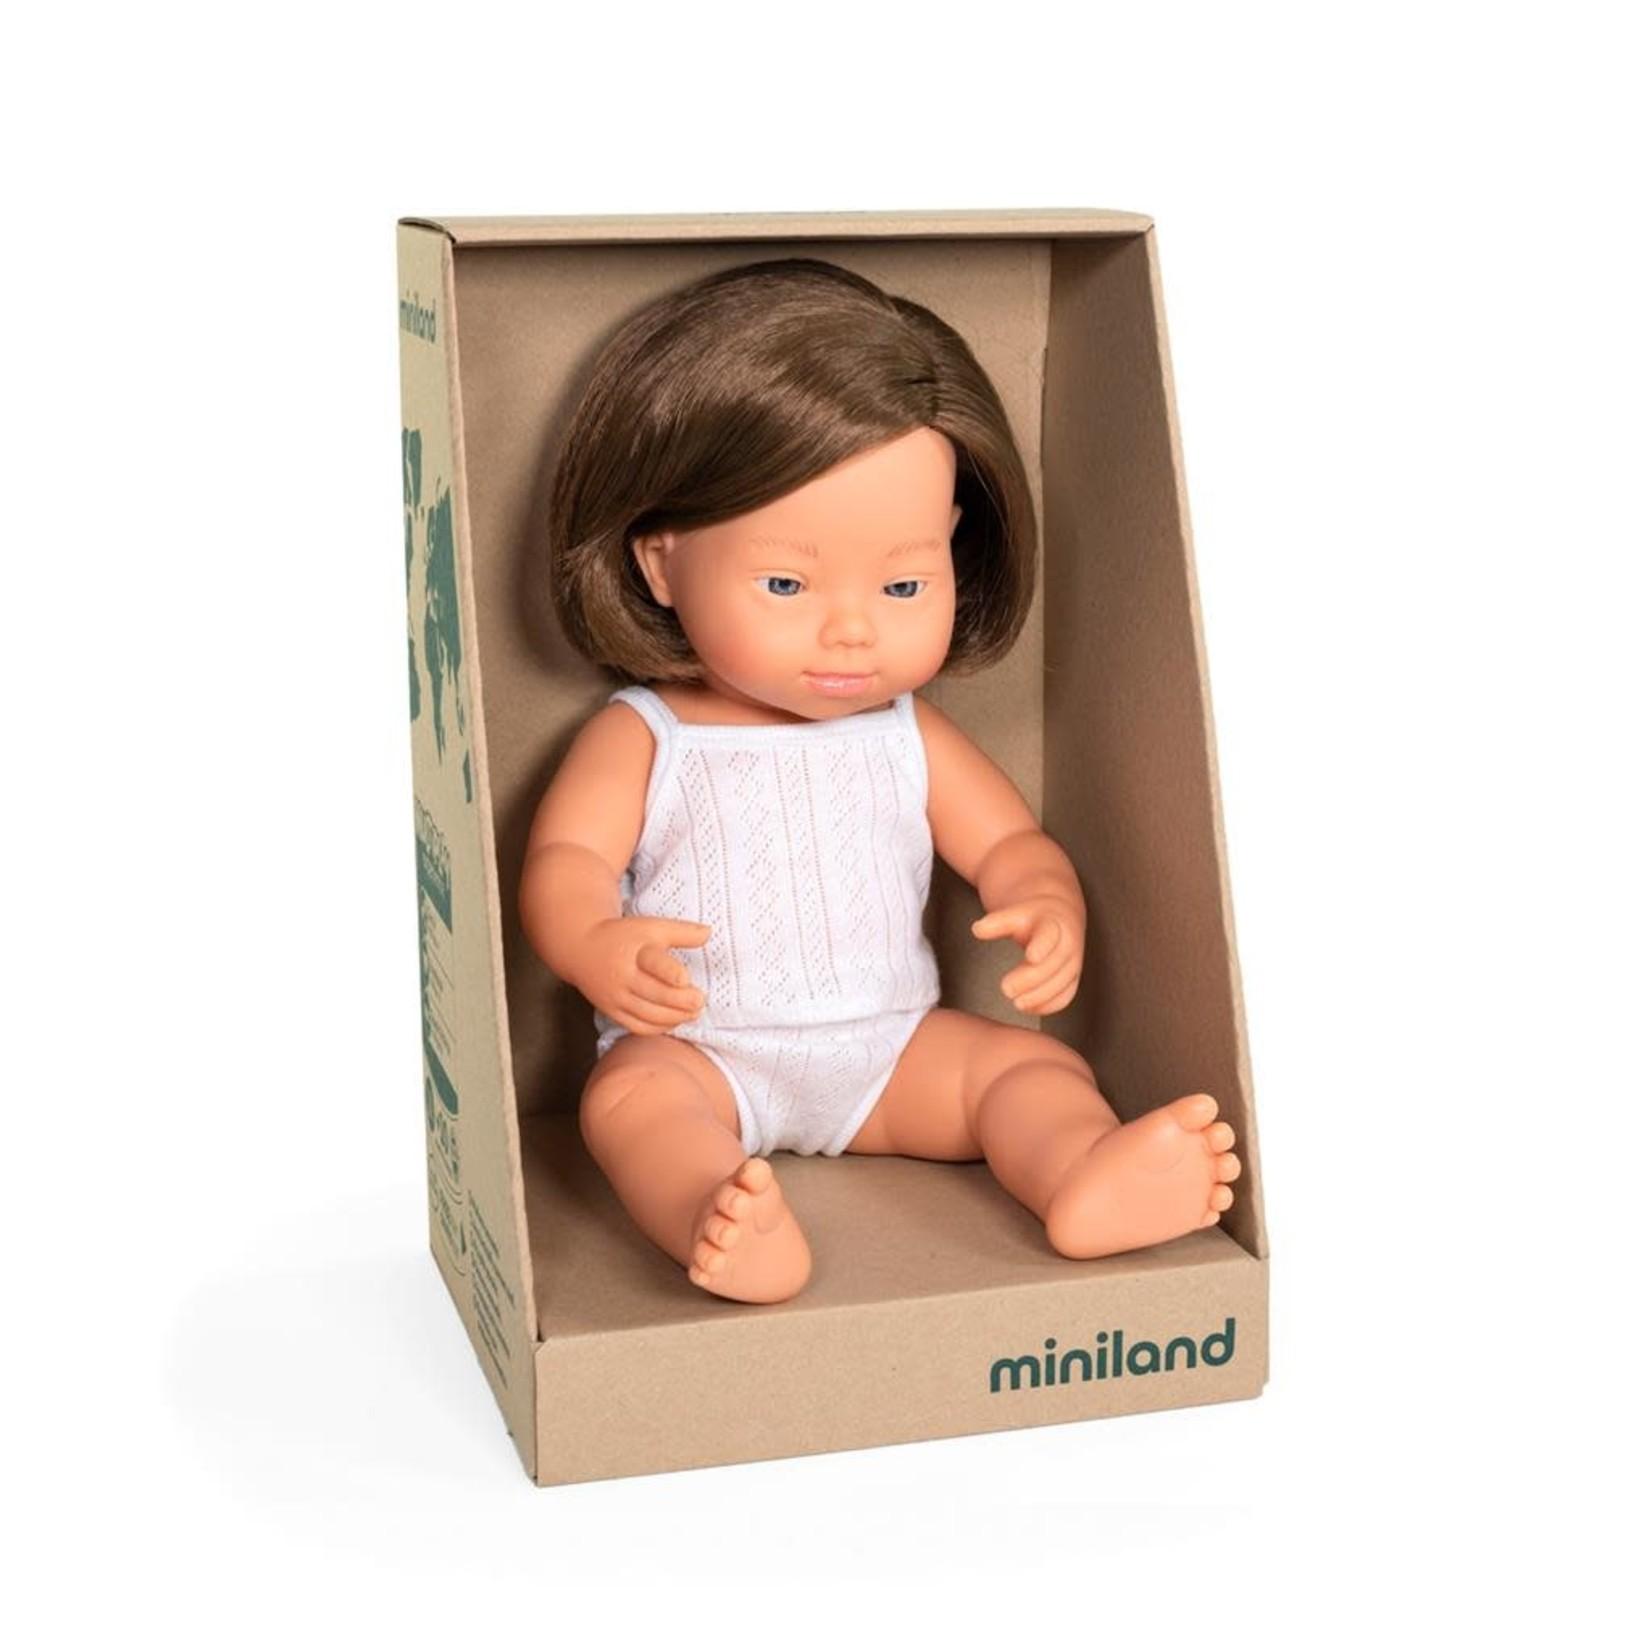 Miniland Pop Europees meisje met syndroom van down (38cm)